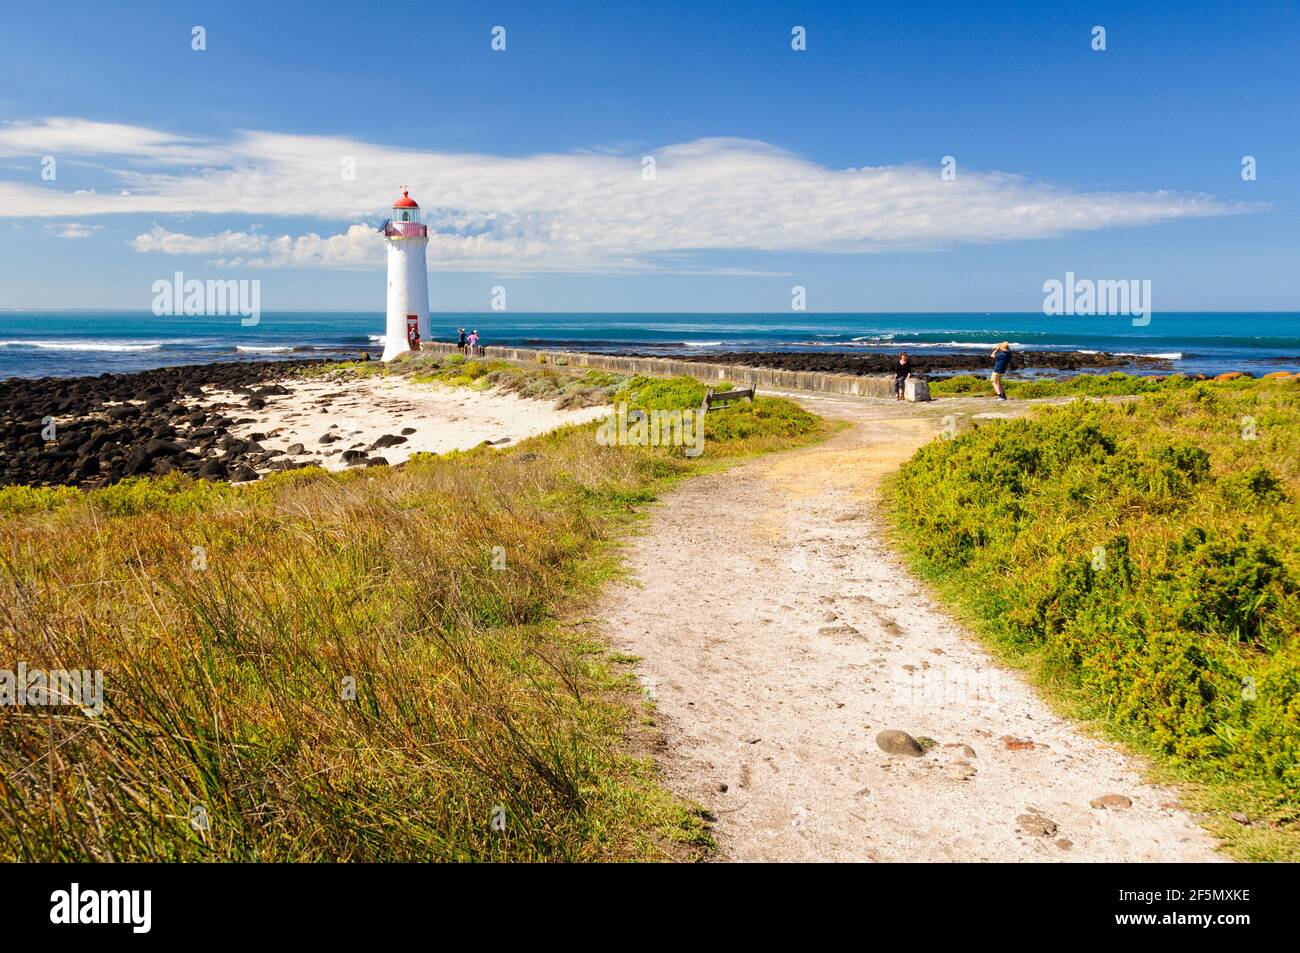 Este faro en la isla Griffiths fue construido en 1859 y es uno de los principales atractivos turísticos de la zona - Port Fairy, Victoria, Australia Foto de stock